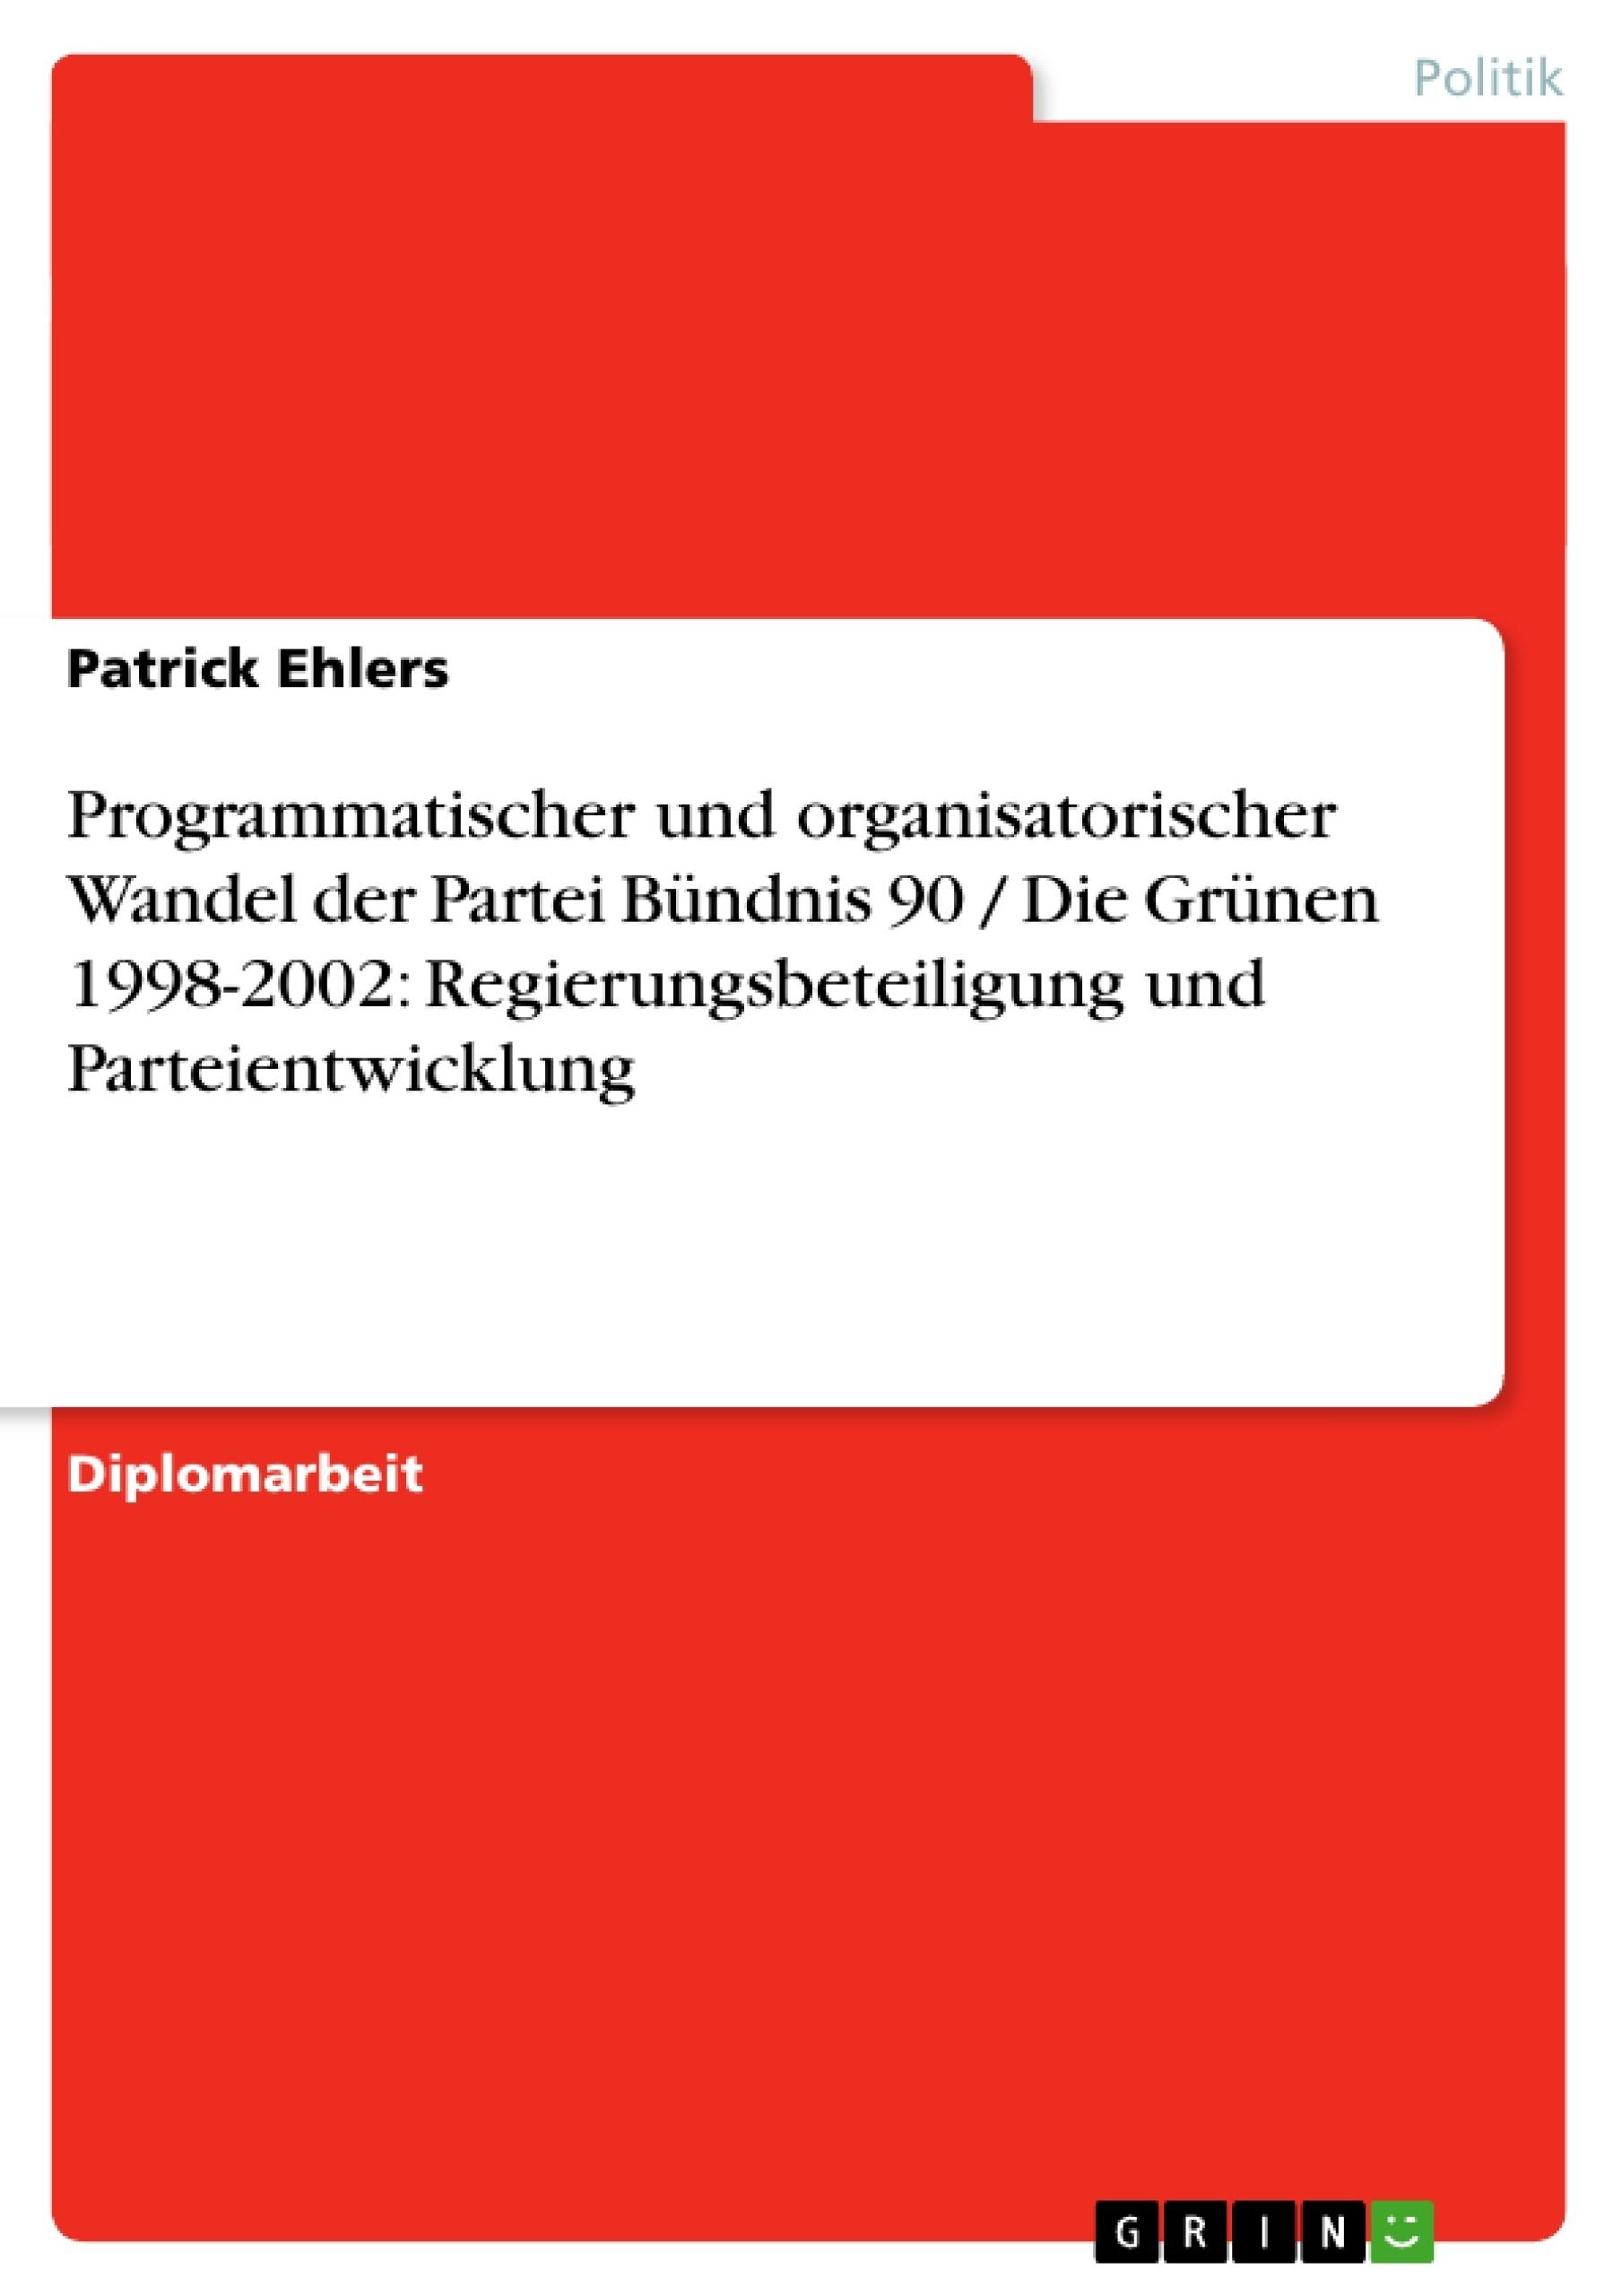 Titel: Programmatischer und organisatorischer Wandel der Partei Bündnis 90 / Die Grünen 1998-2002: Regierungsbeteiligung und Parteientwicklung